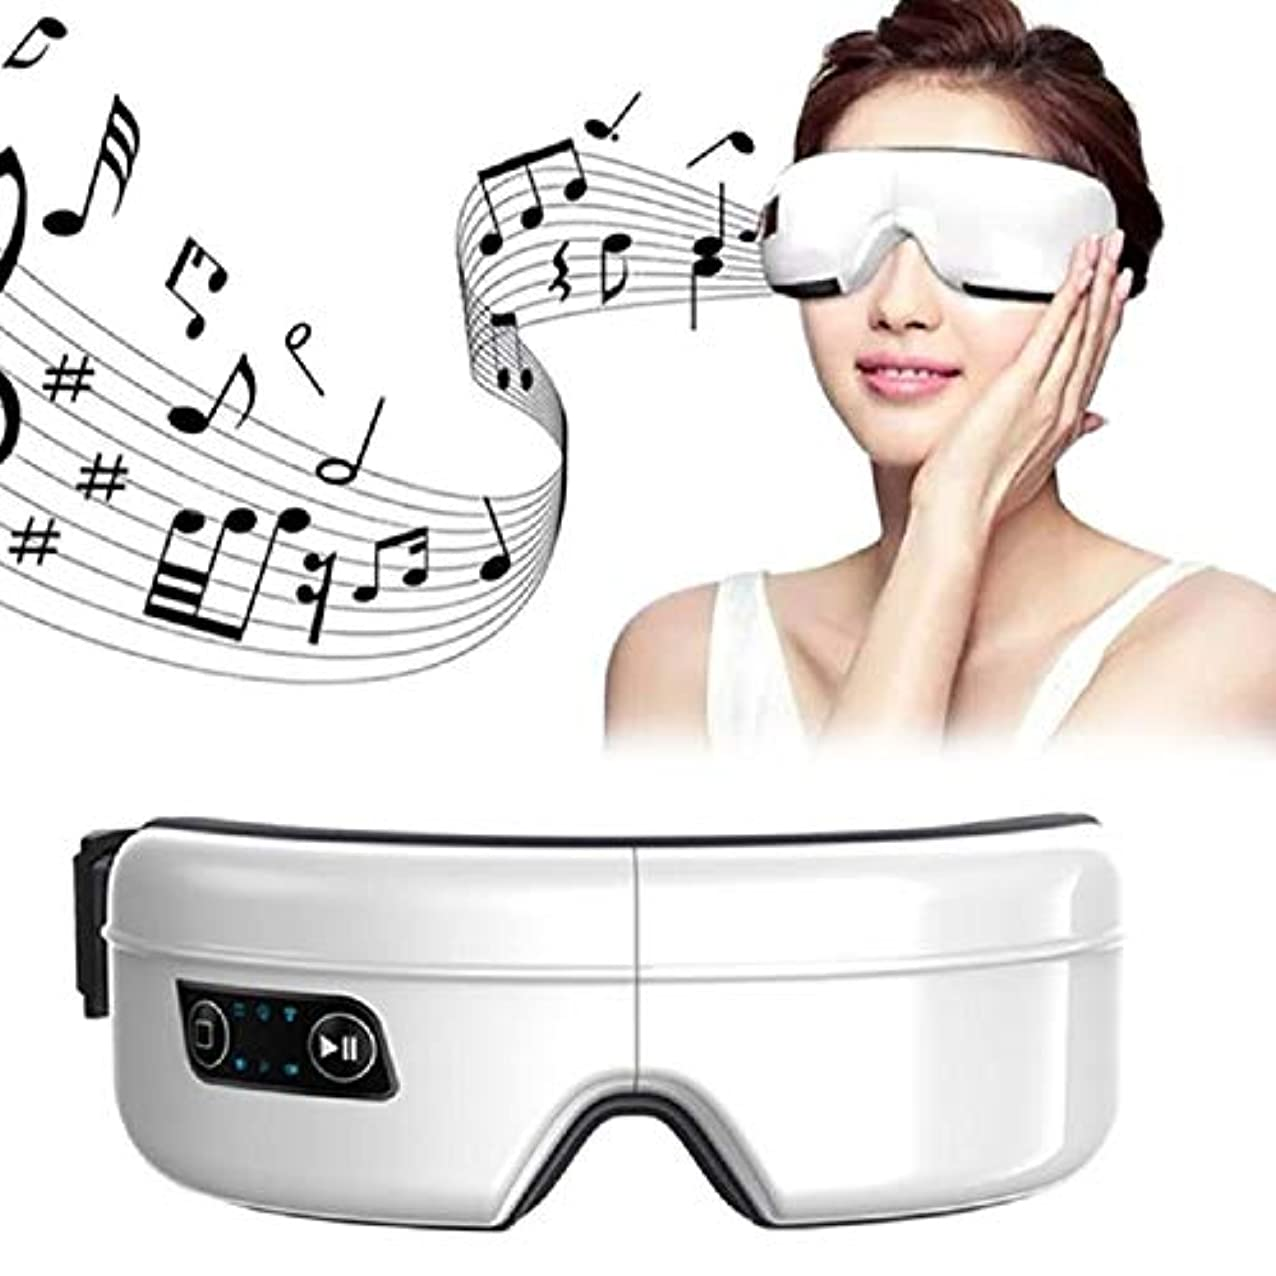 偽善者遺伝子置くためにパックMeet now 高度な電気ワイヤレスアイマッサージSPAの楽器、音楽充電式美容ツール 品質保証